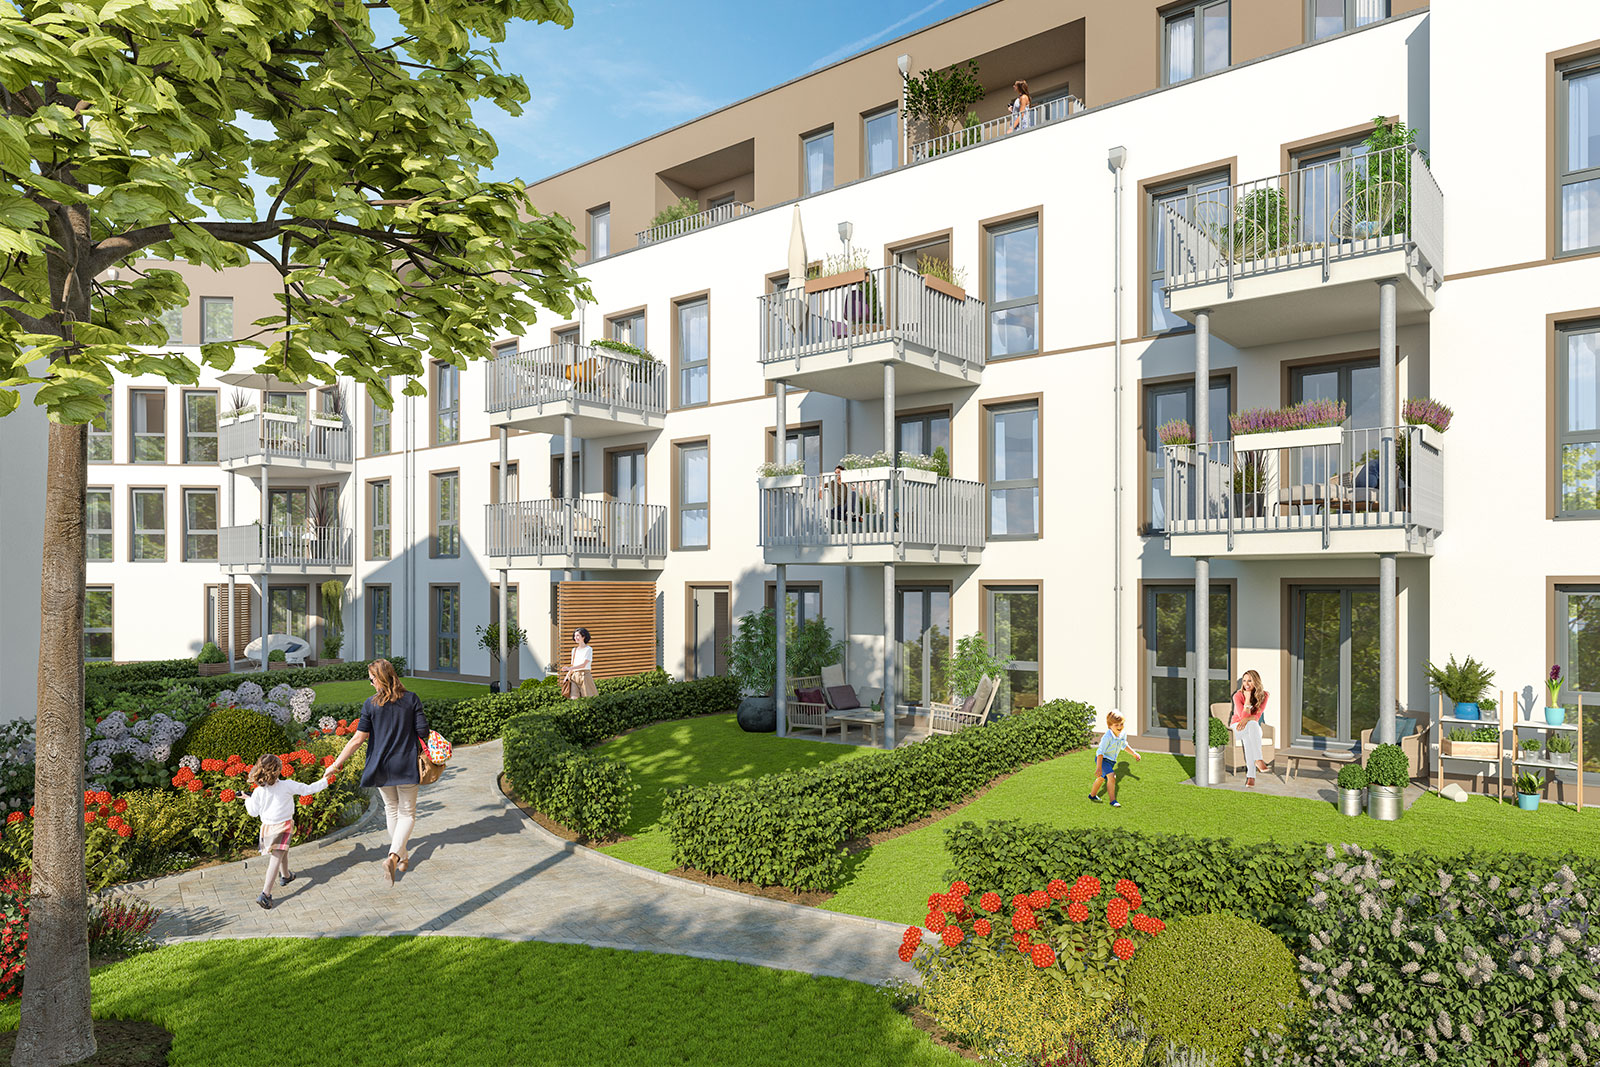 verkauf von 33 eigentumswohnungen in berlin marienfelde. Black Bedroom Furniture Sets. Home Design Ideas